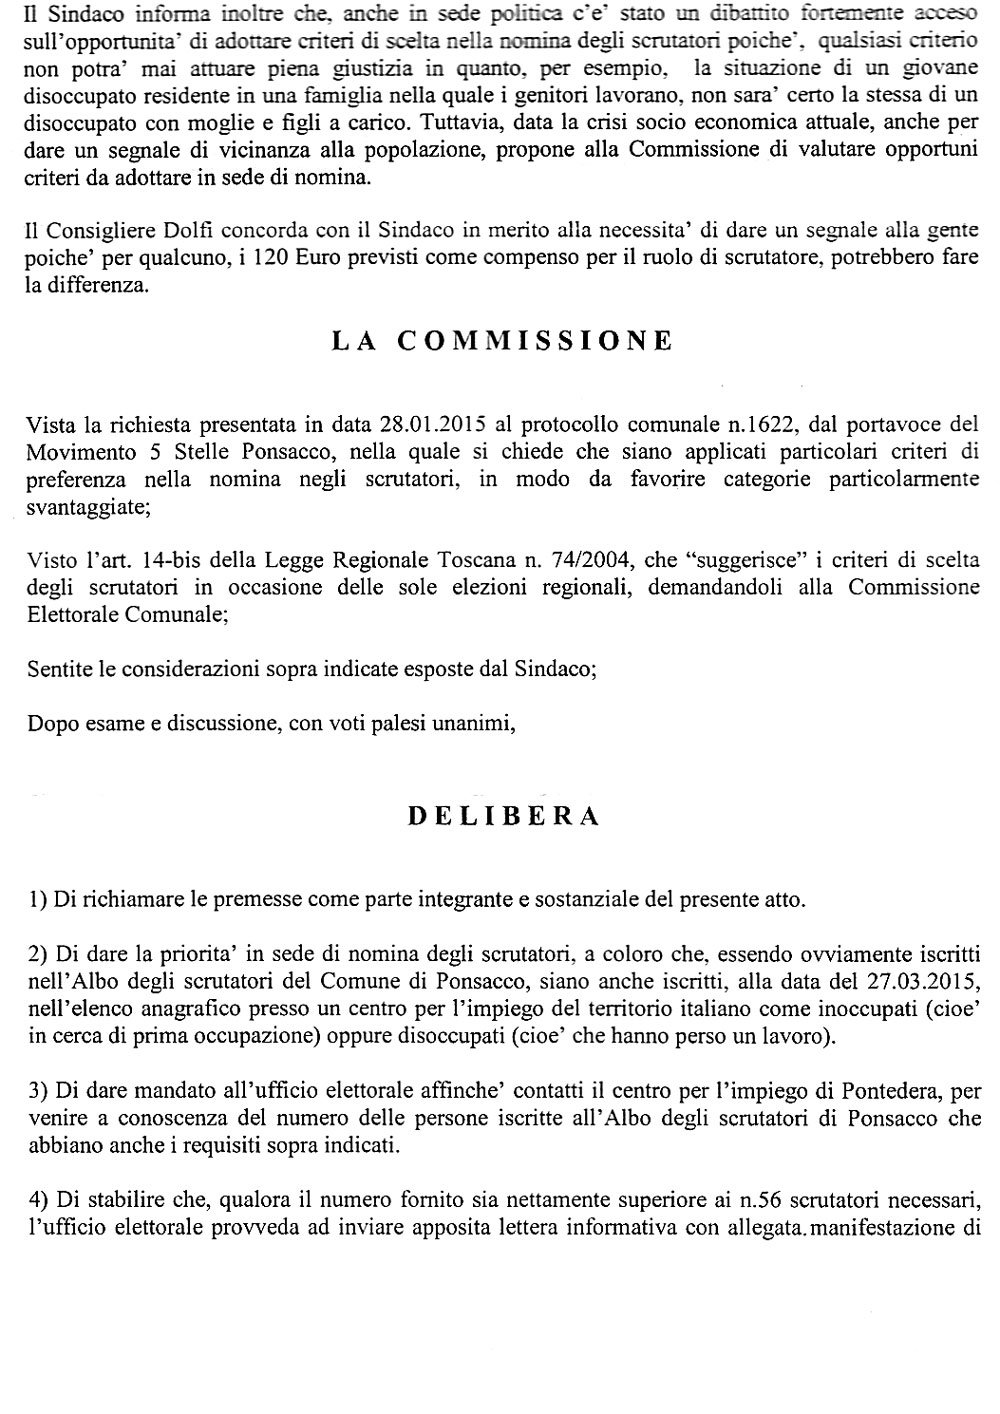 _Com.-Elet.-Com.-Verb.-N.2-del-13_-03_15